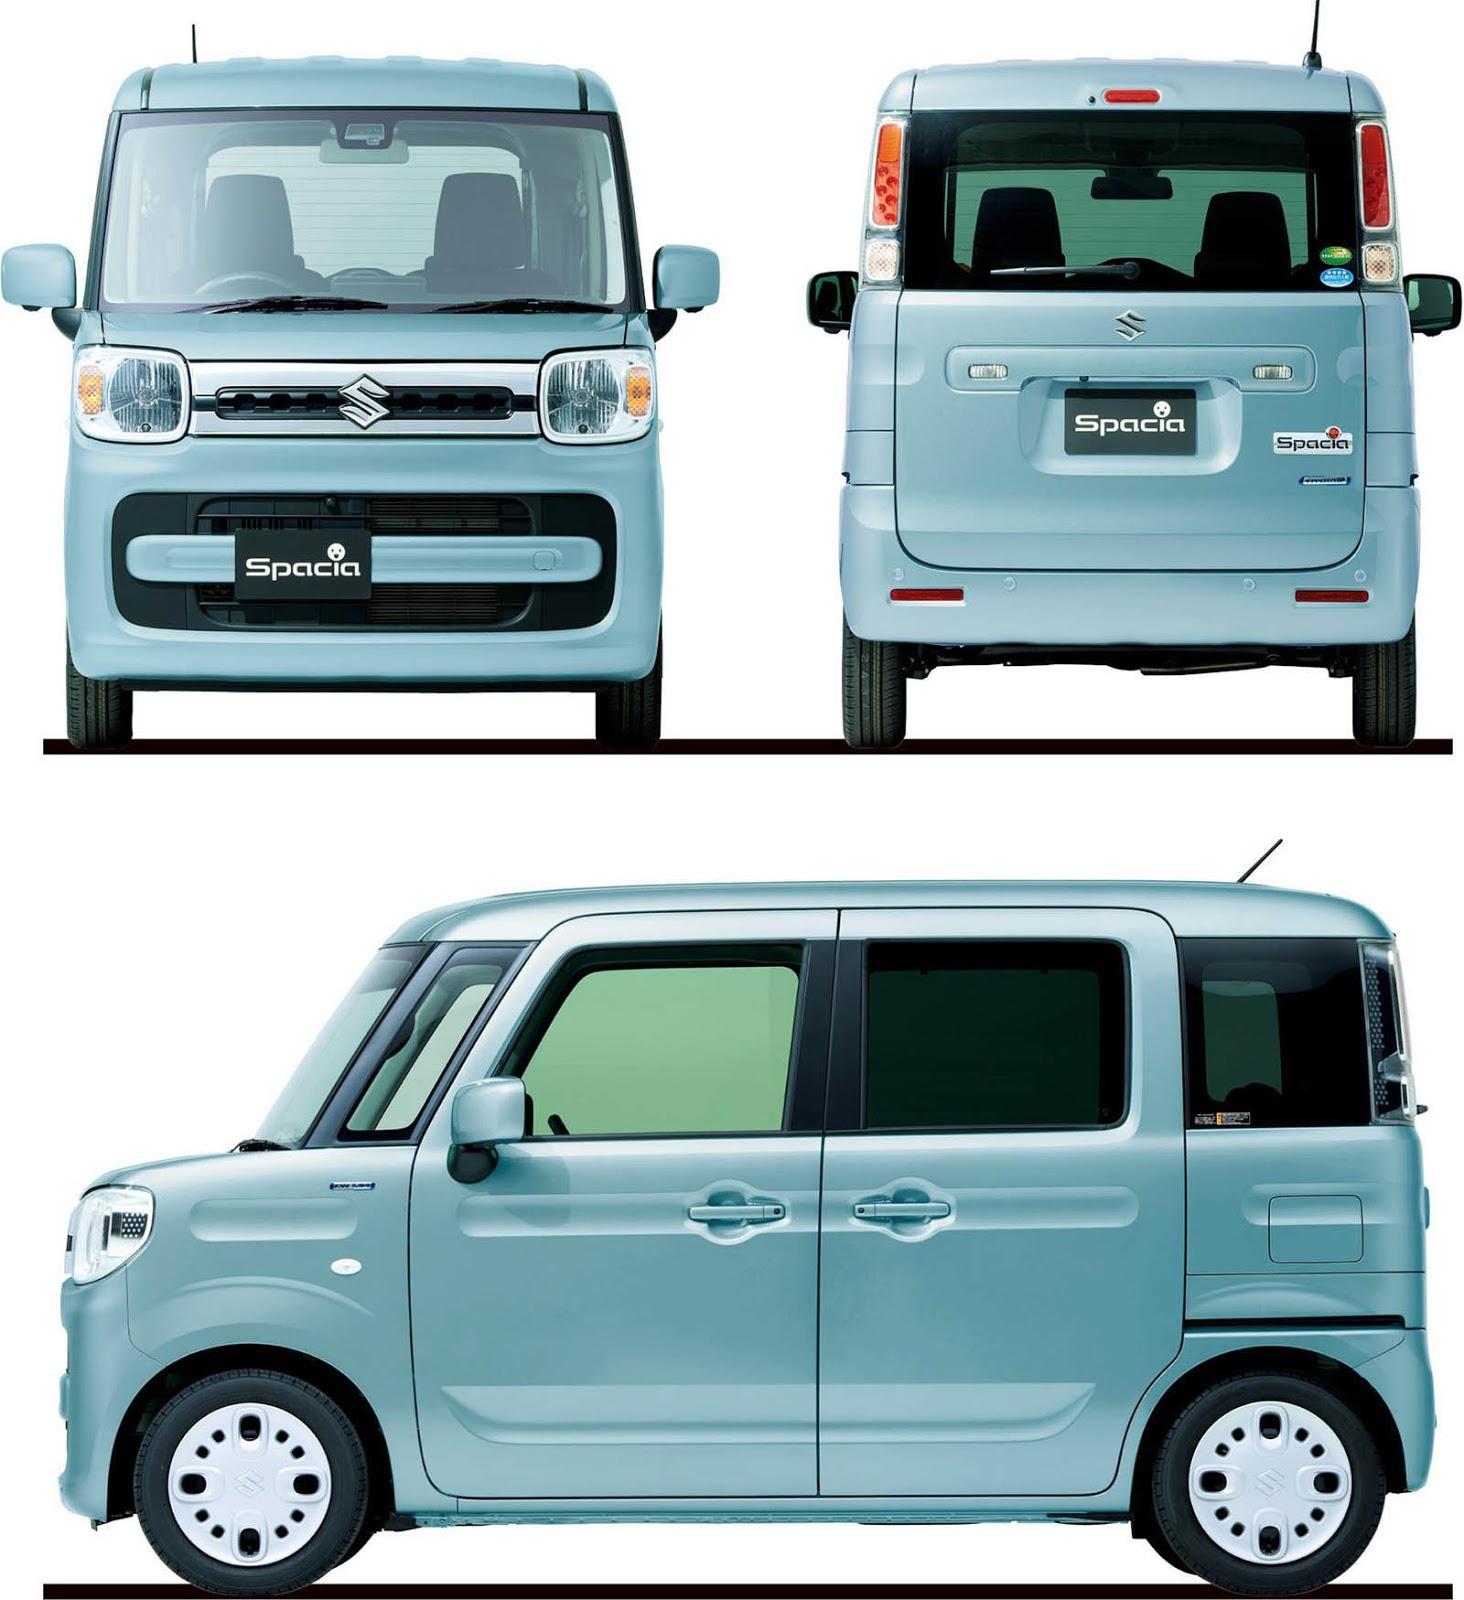 Suzuki Spacia 2018 (16)